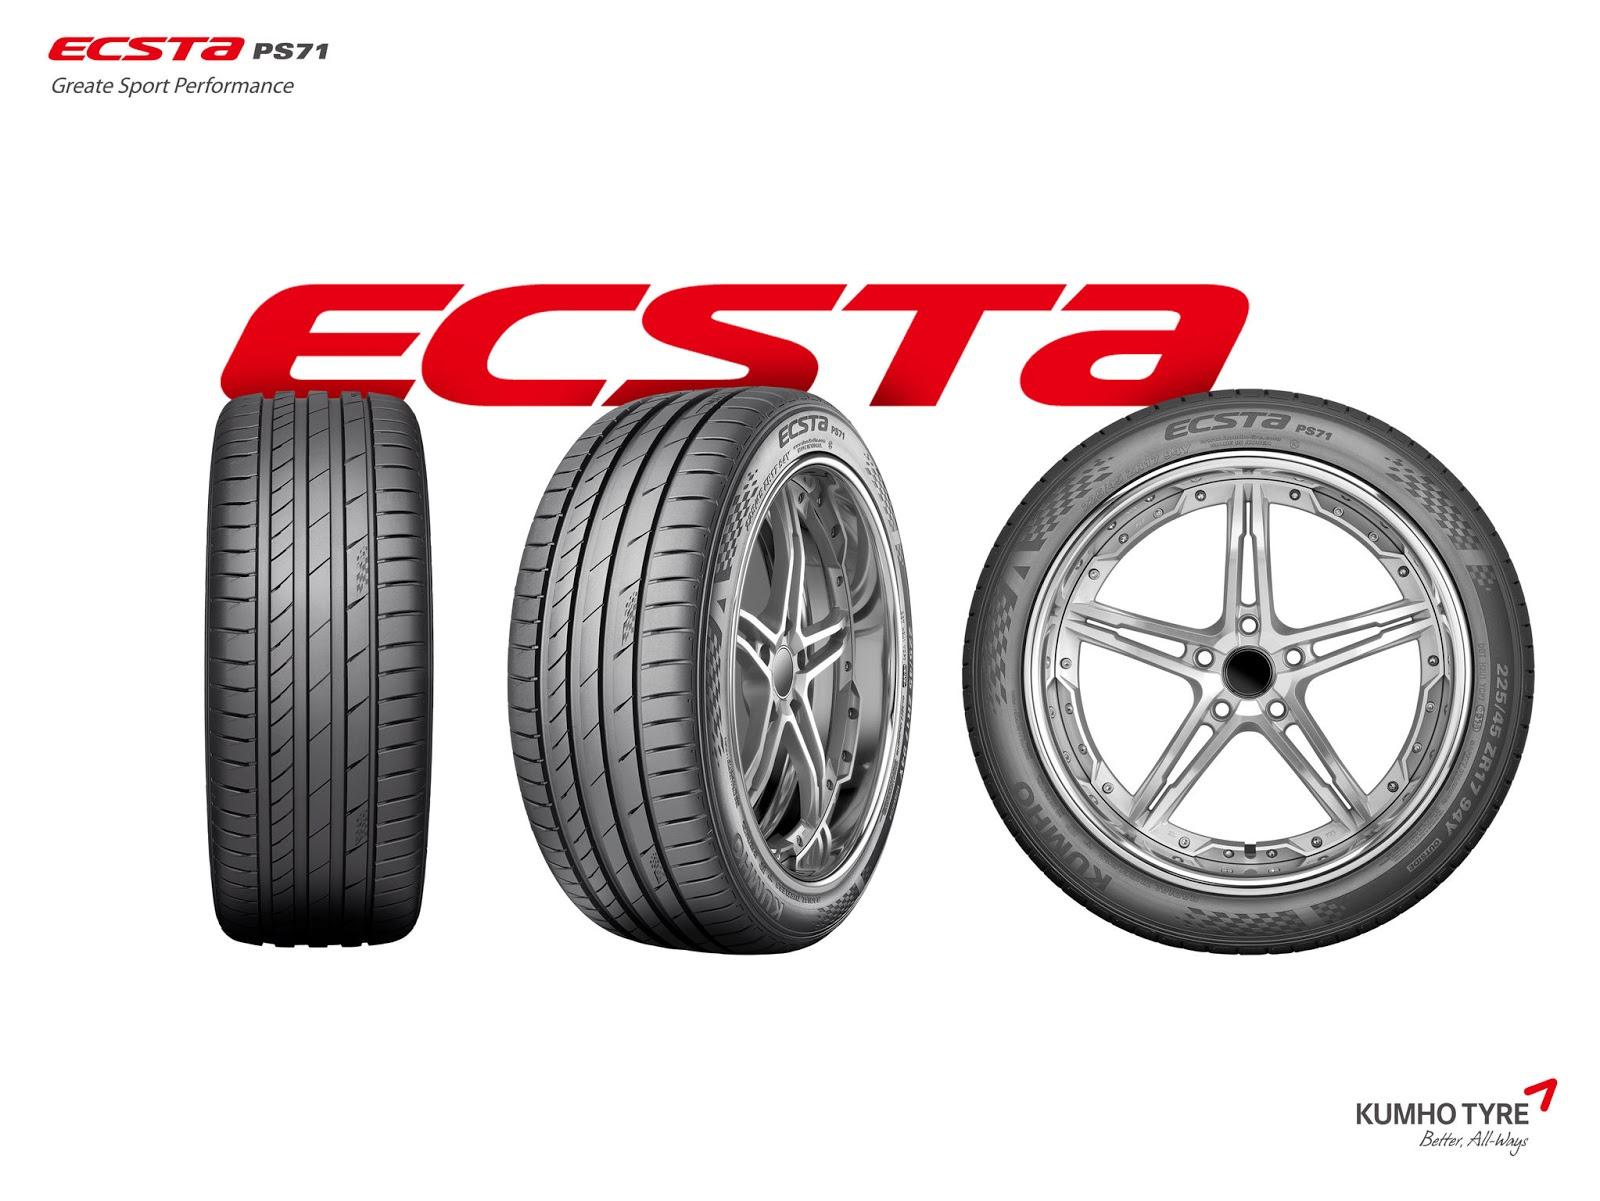 Νέα, διεθνή βραβεία σχεδίασης για την Kumho με τα ECSTA PS71 και Smasher